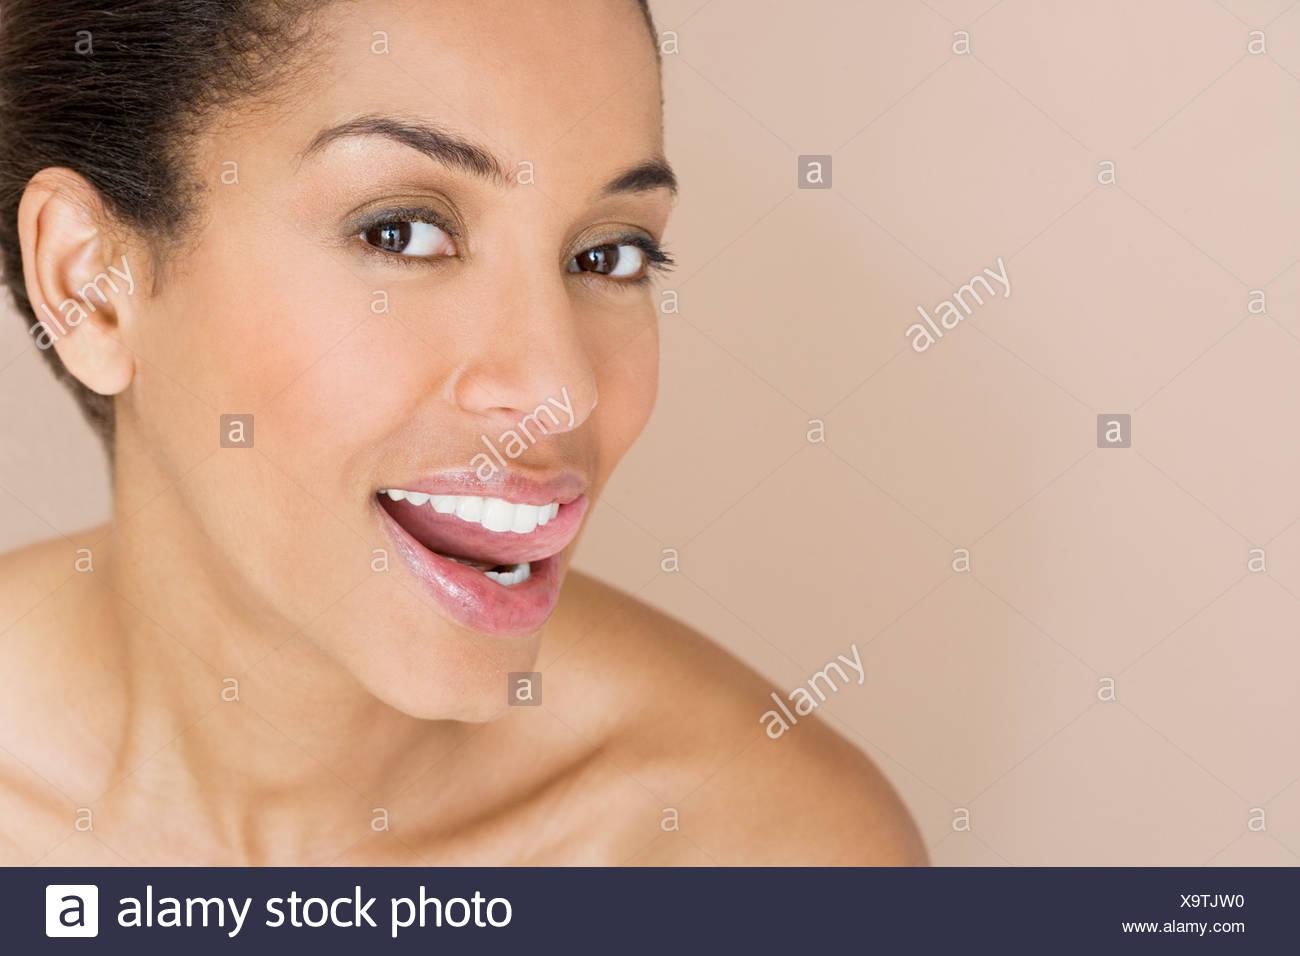 Una mujer ejecutando la lengua a lo largo de los dientes Imagen De Stock